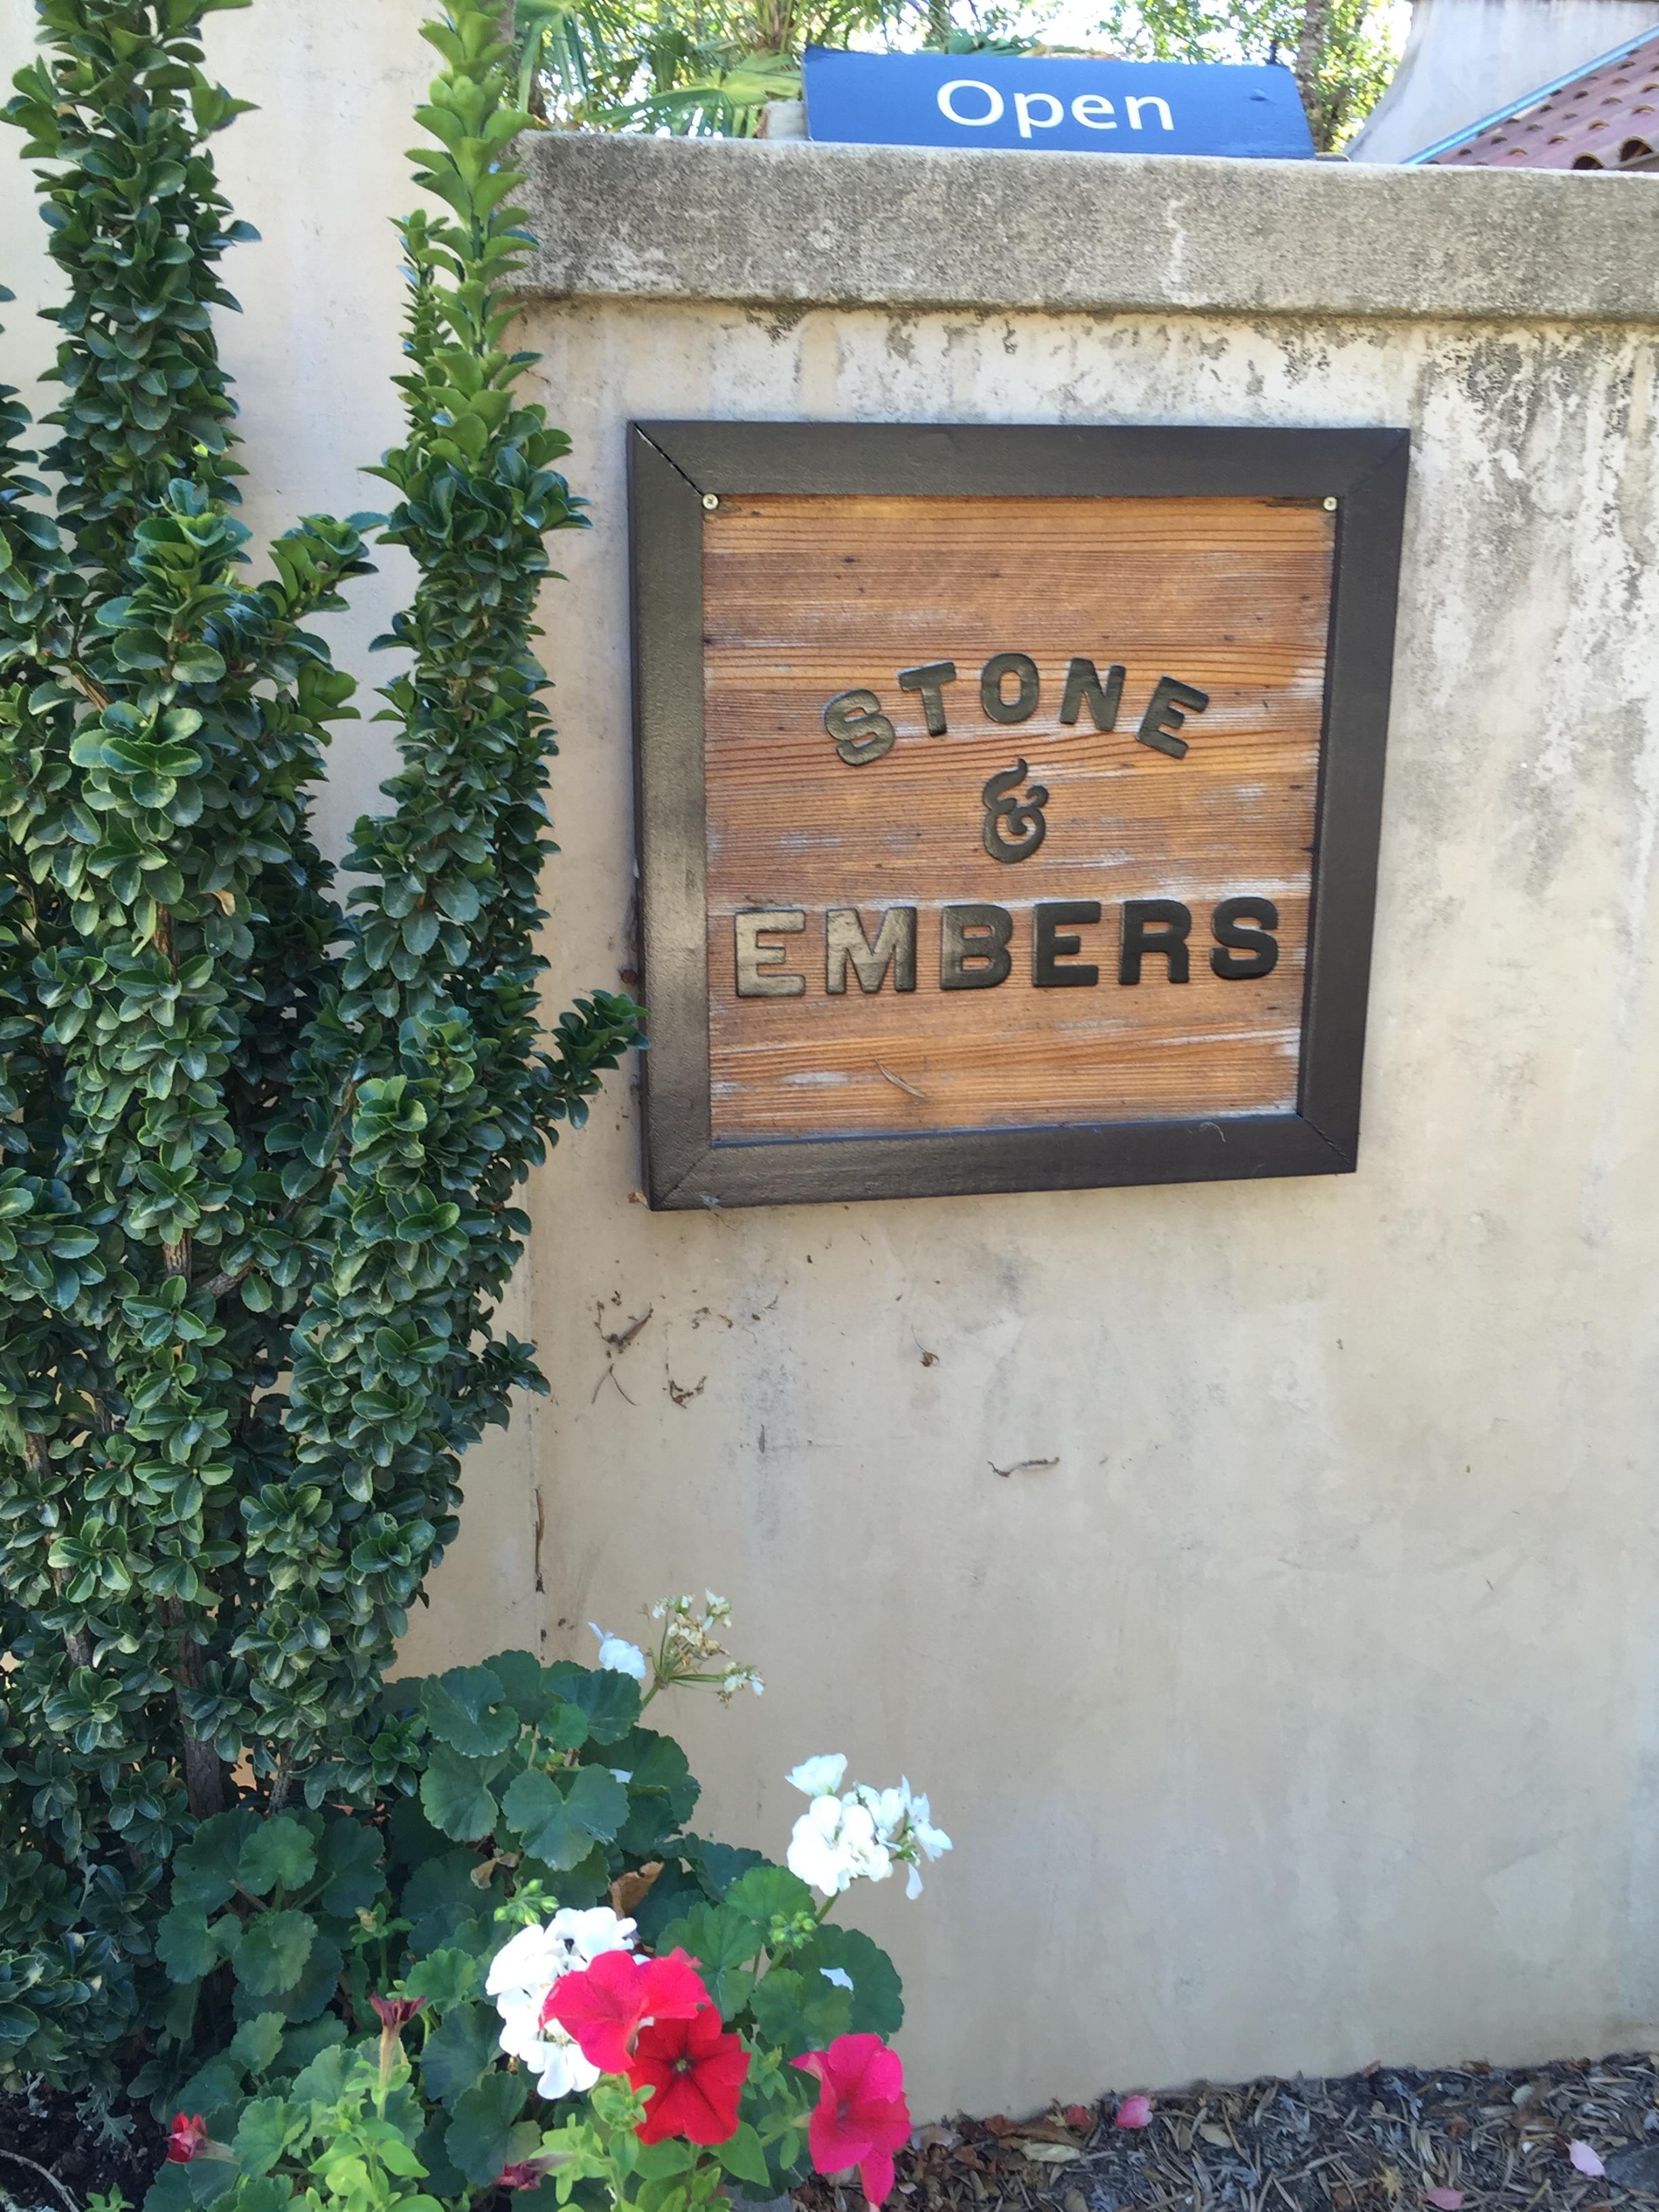 Stone & Embers